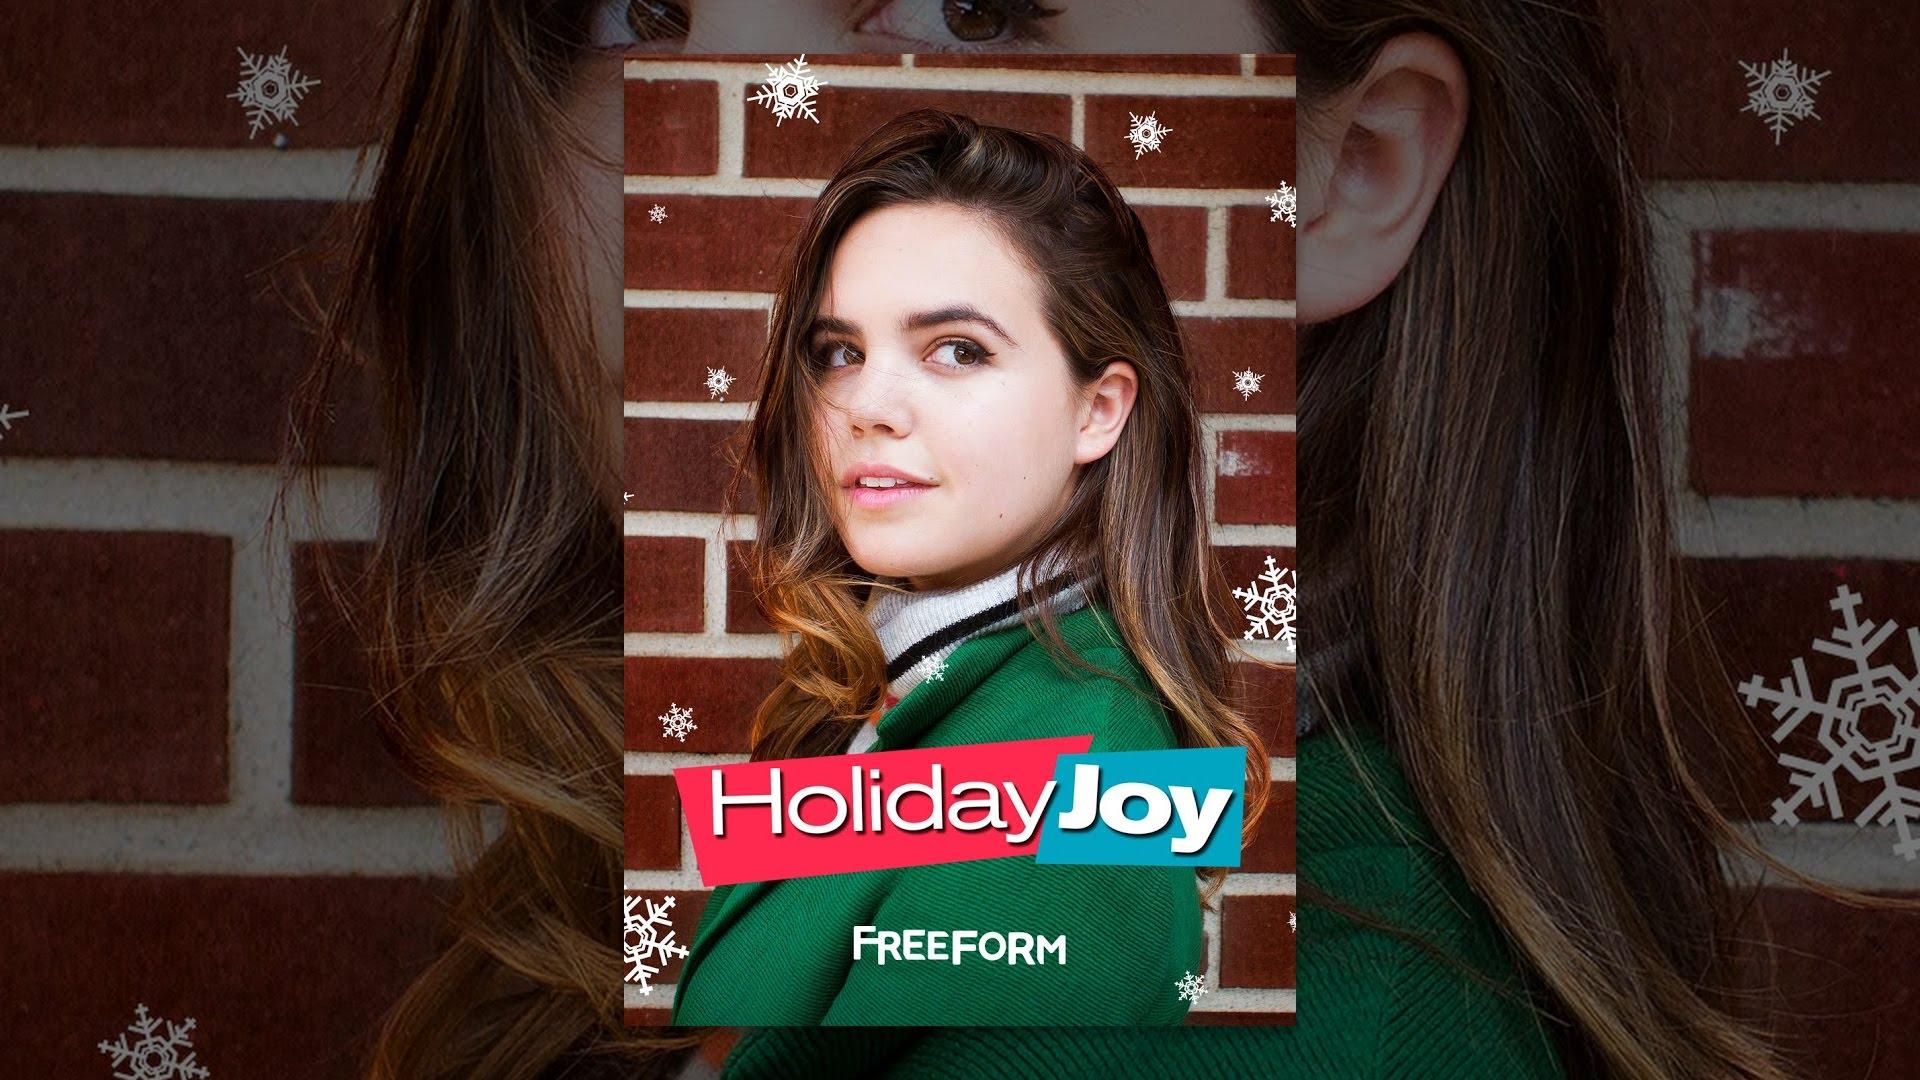 Holiday Joy Ein Weihnachtsfest Mit Hindernissen